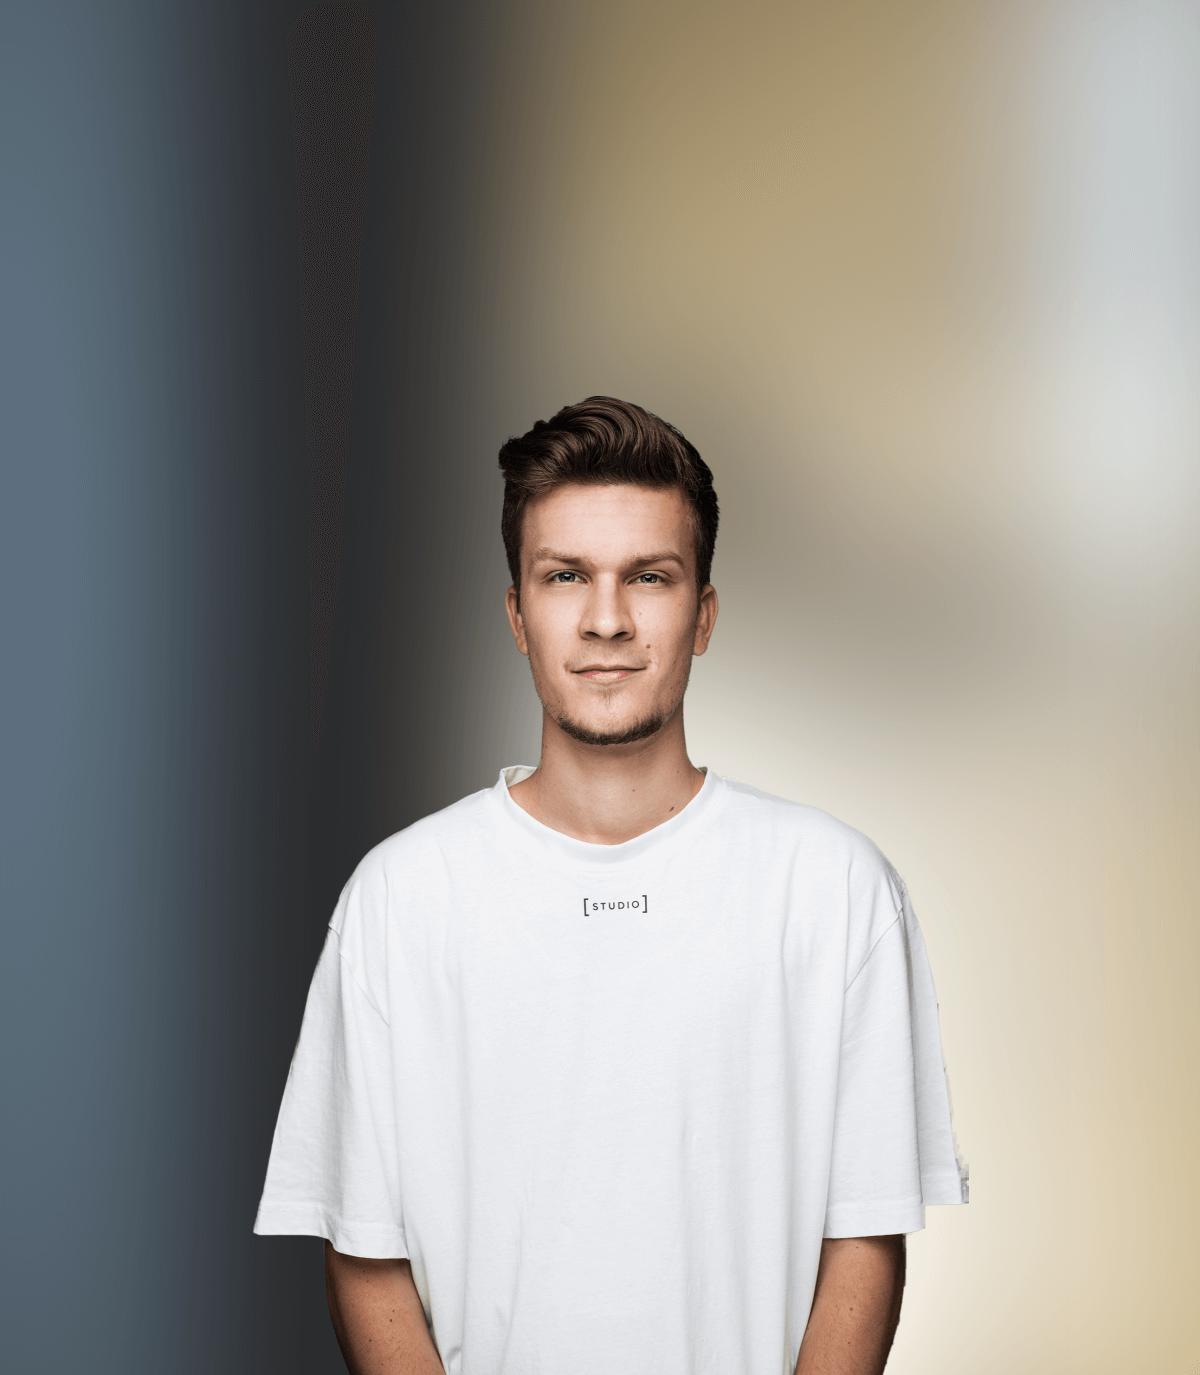 Erik Aland mit weißem Shirt